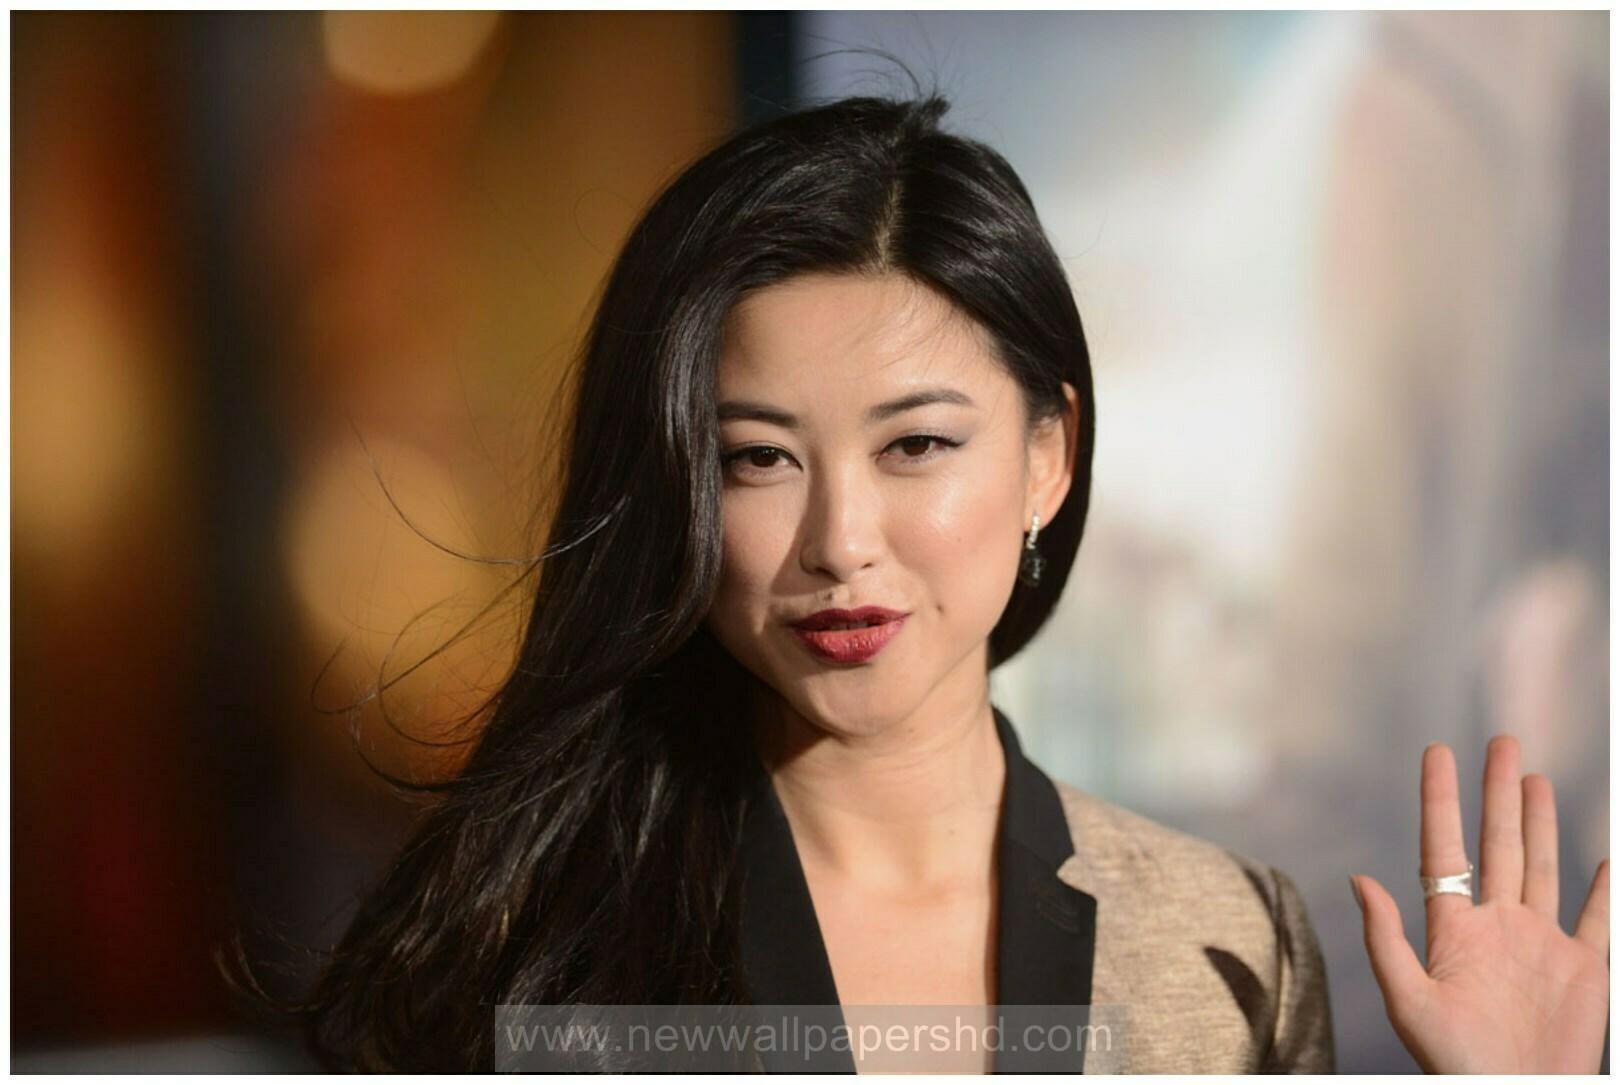 Chinese Actress Zhu Zhu Biography Profile Hd Wallpapers